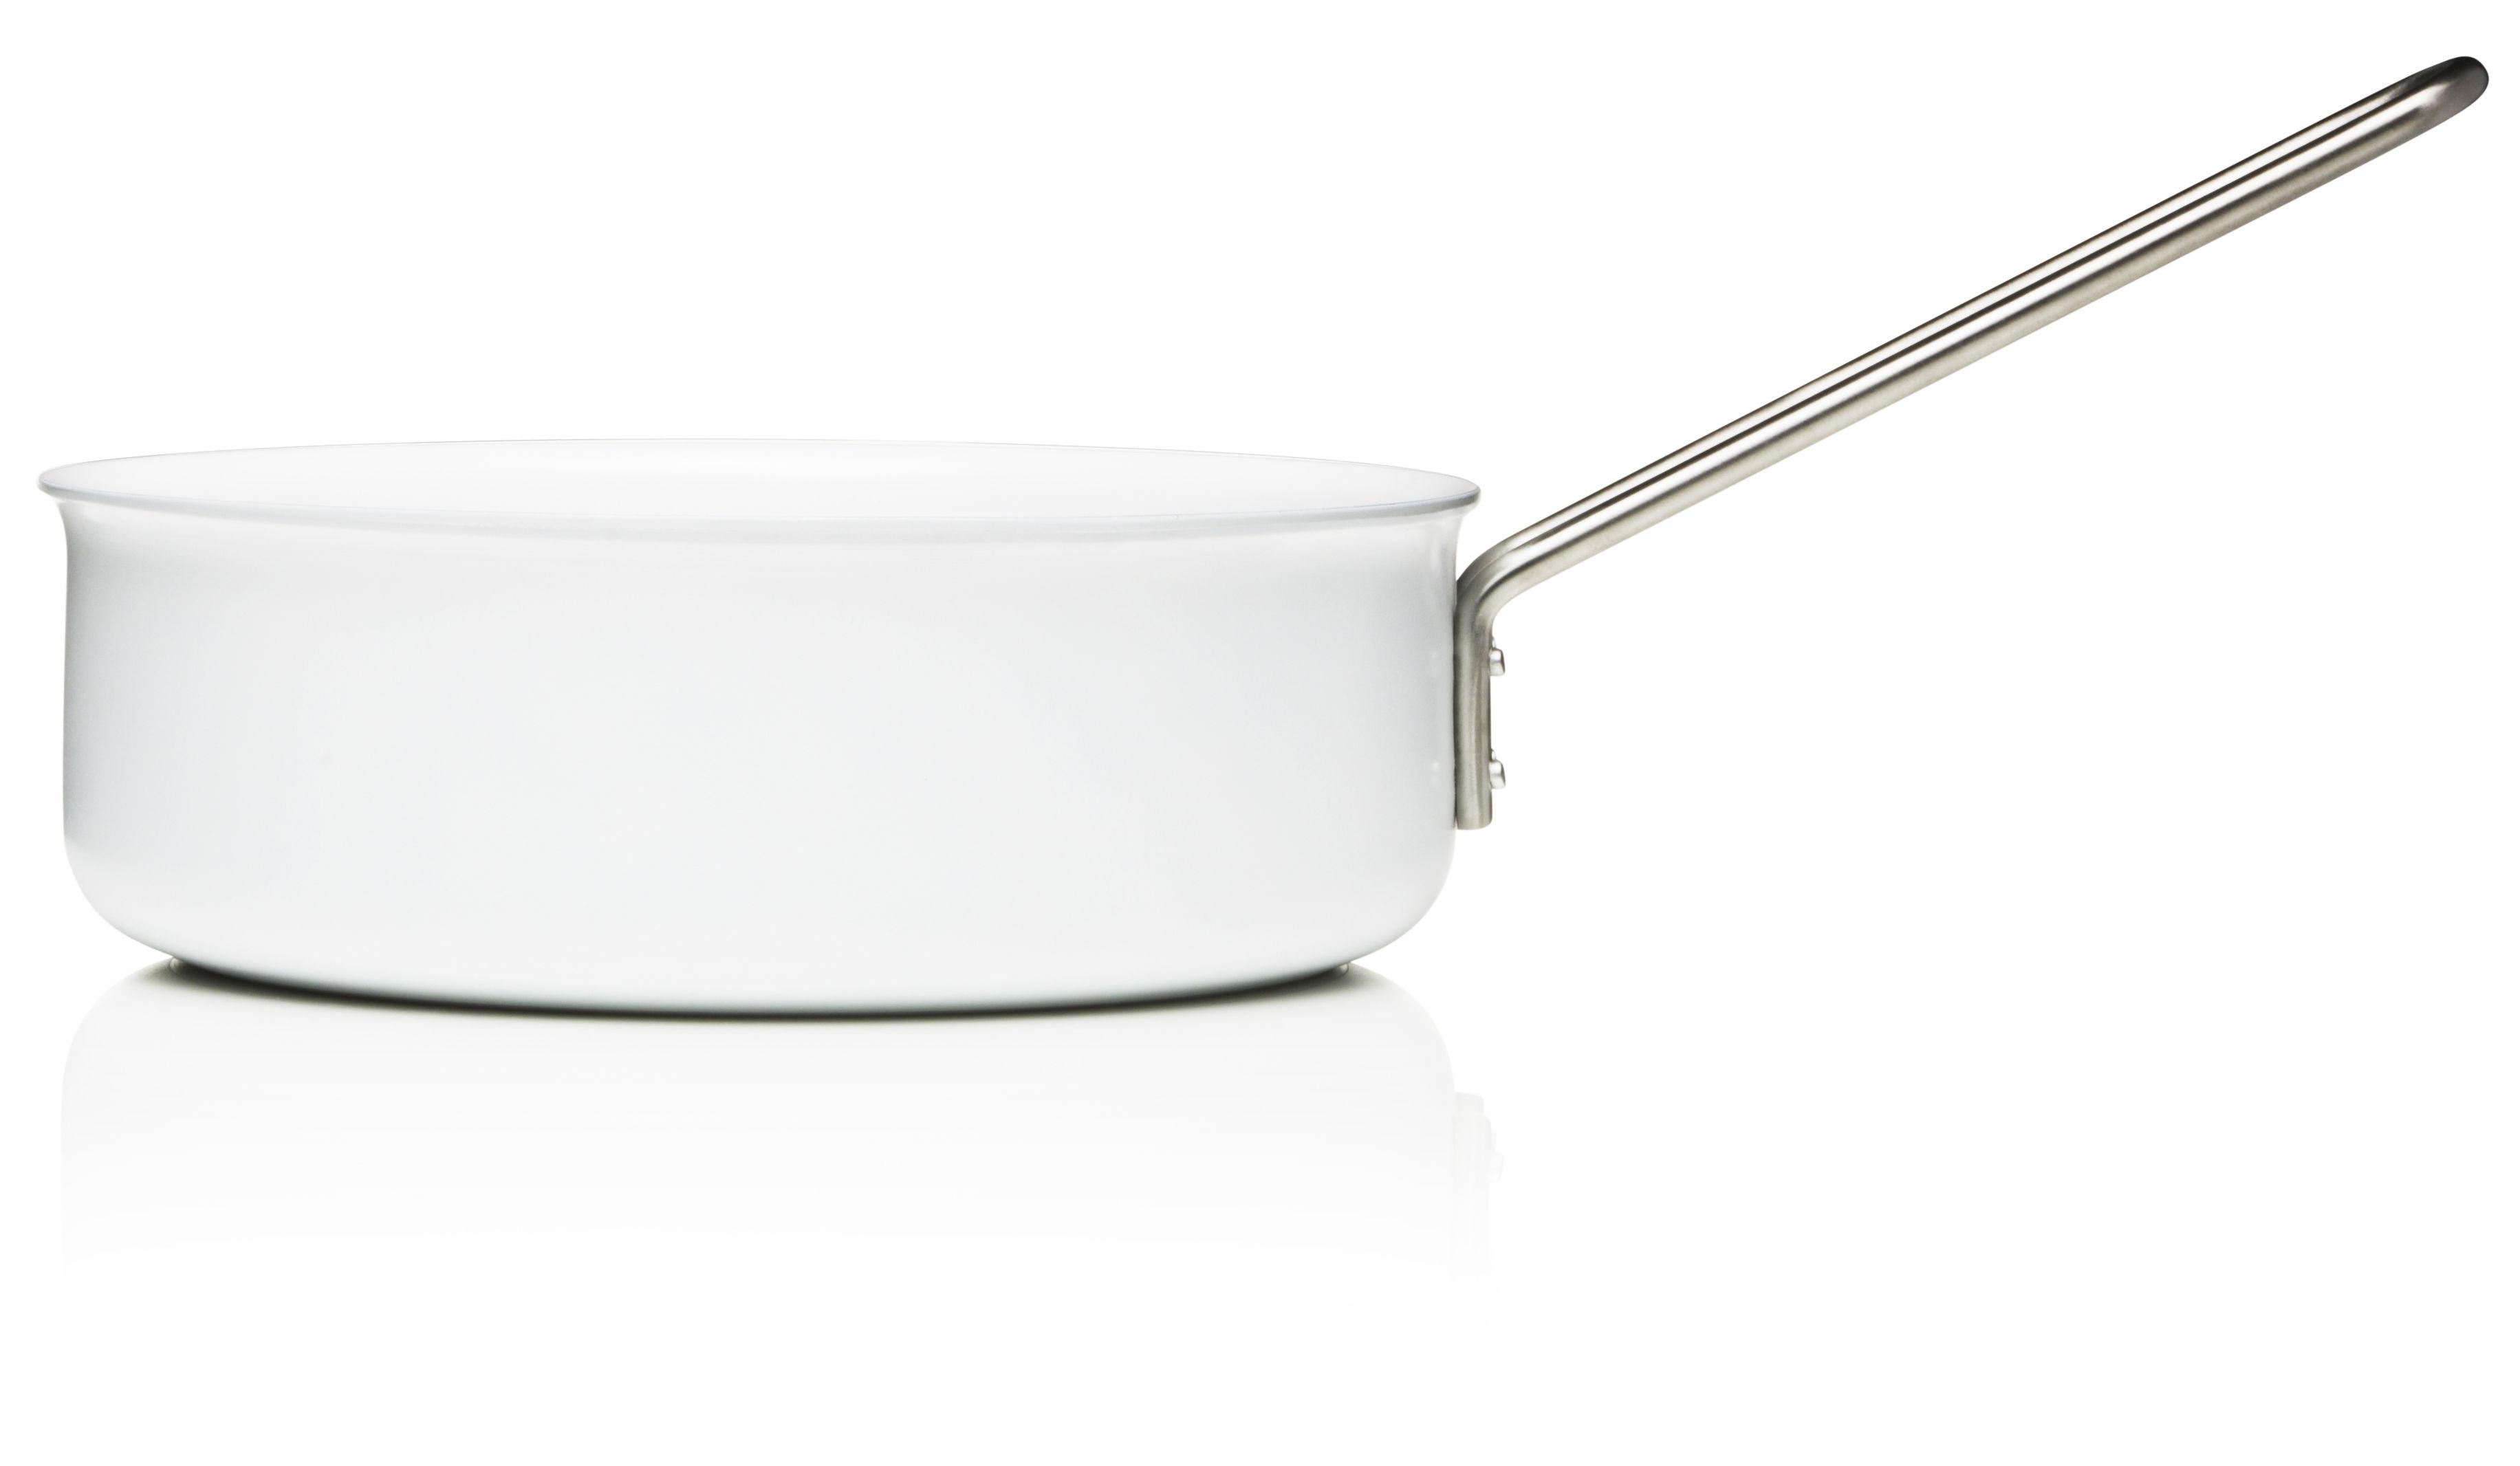 Cuisine - Casseroles, poêles, plats... - Sauteuse White Line / Ø 24 cm - Eva Trio - Ø 24 cm - Blanc - Acier inoxydable, Aluminium, Céramique